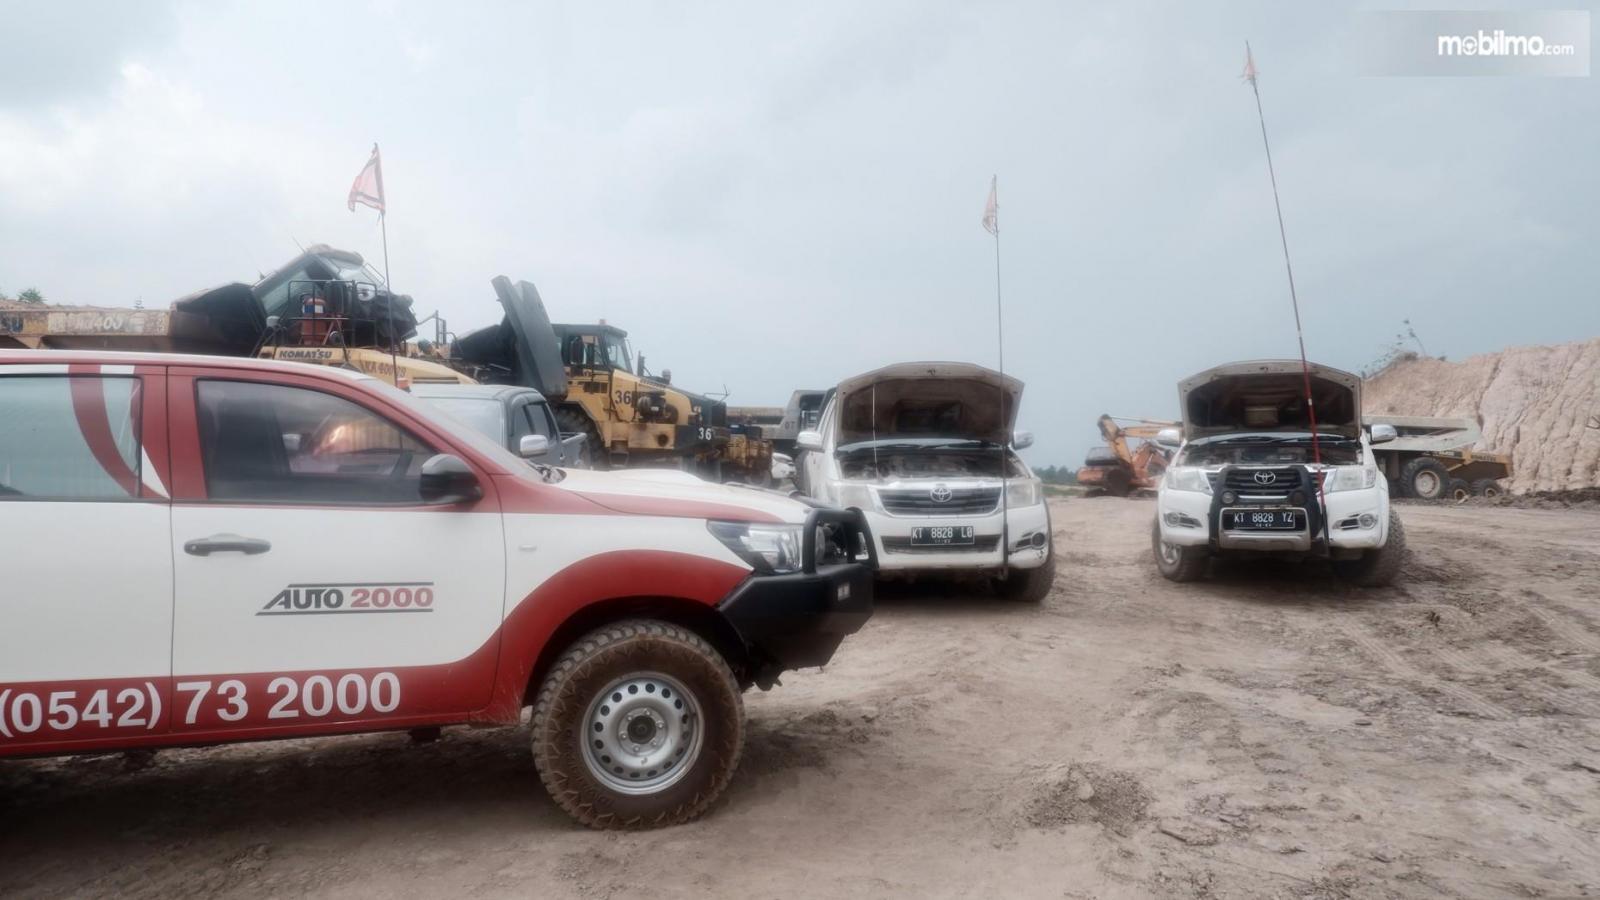 Foto kegiatan Auto2000 THS Home Service di Kalimantan